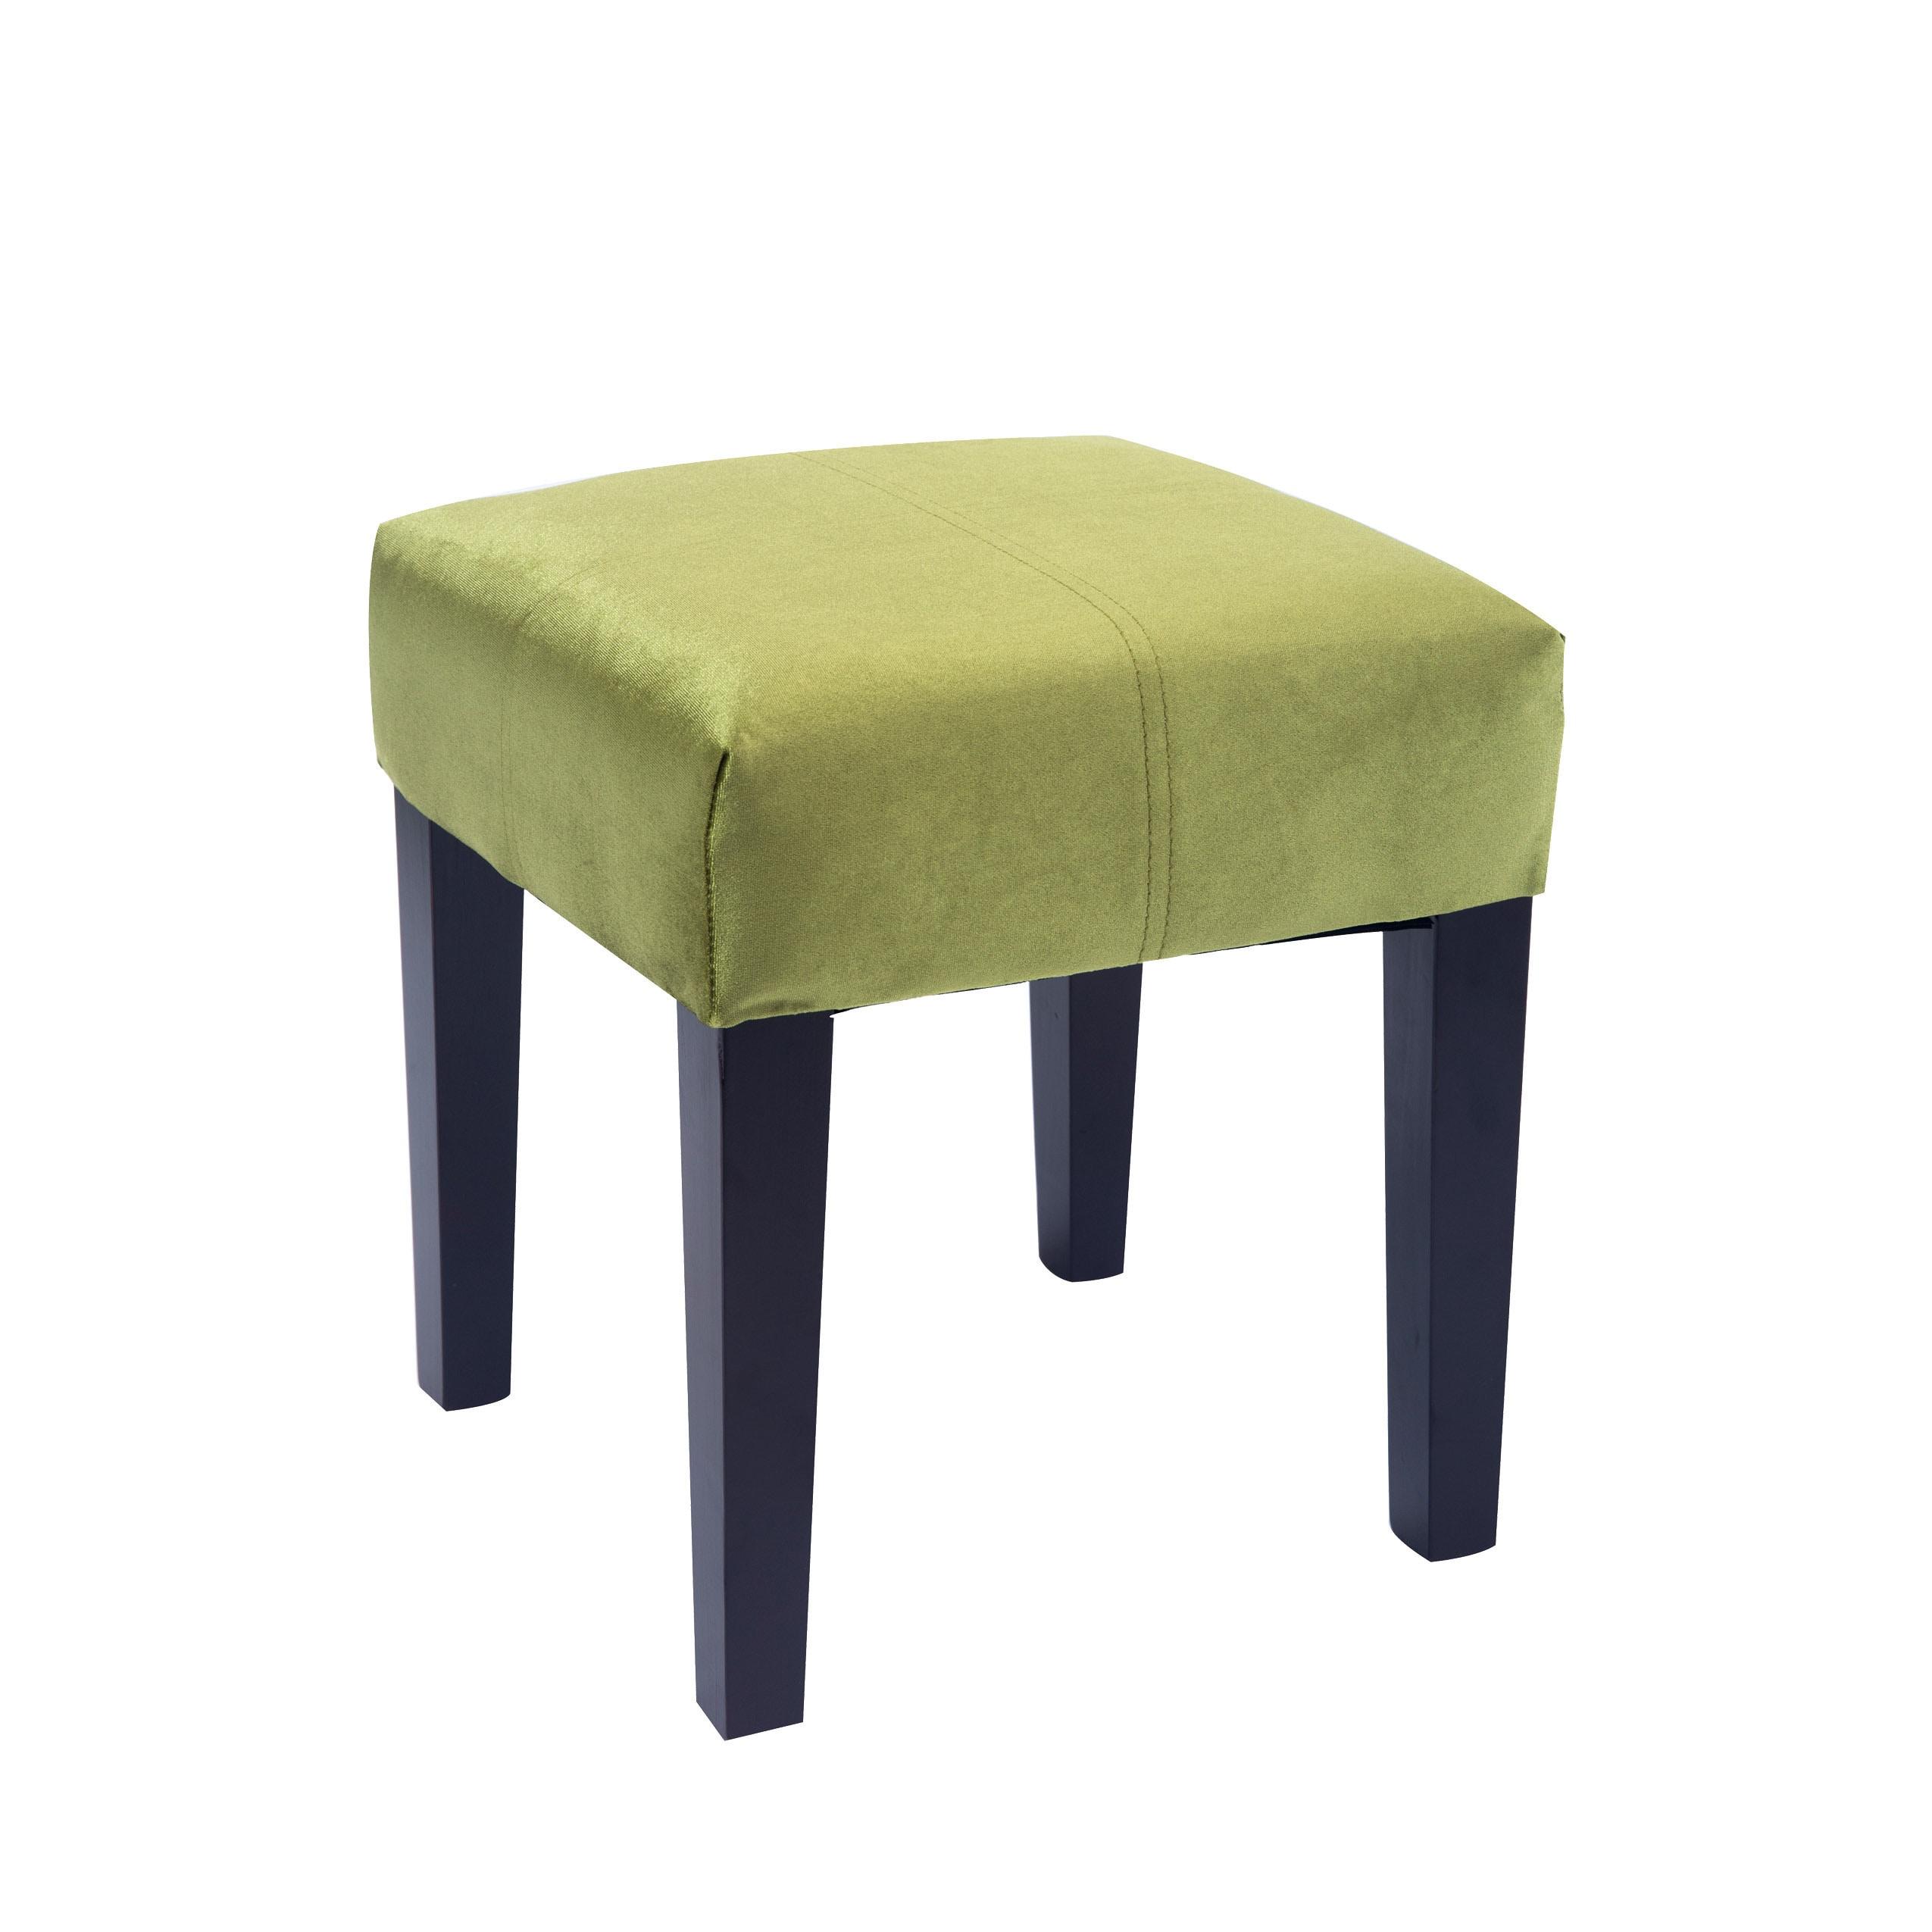 Porch Amp Den Albion 16 Inch Square Velvet Upholstered Bench